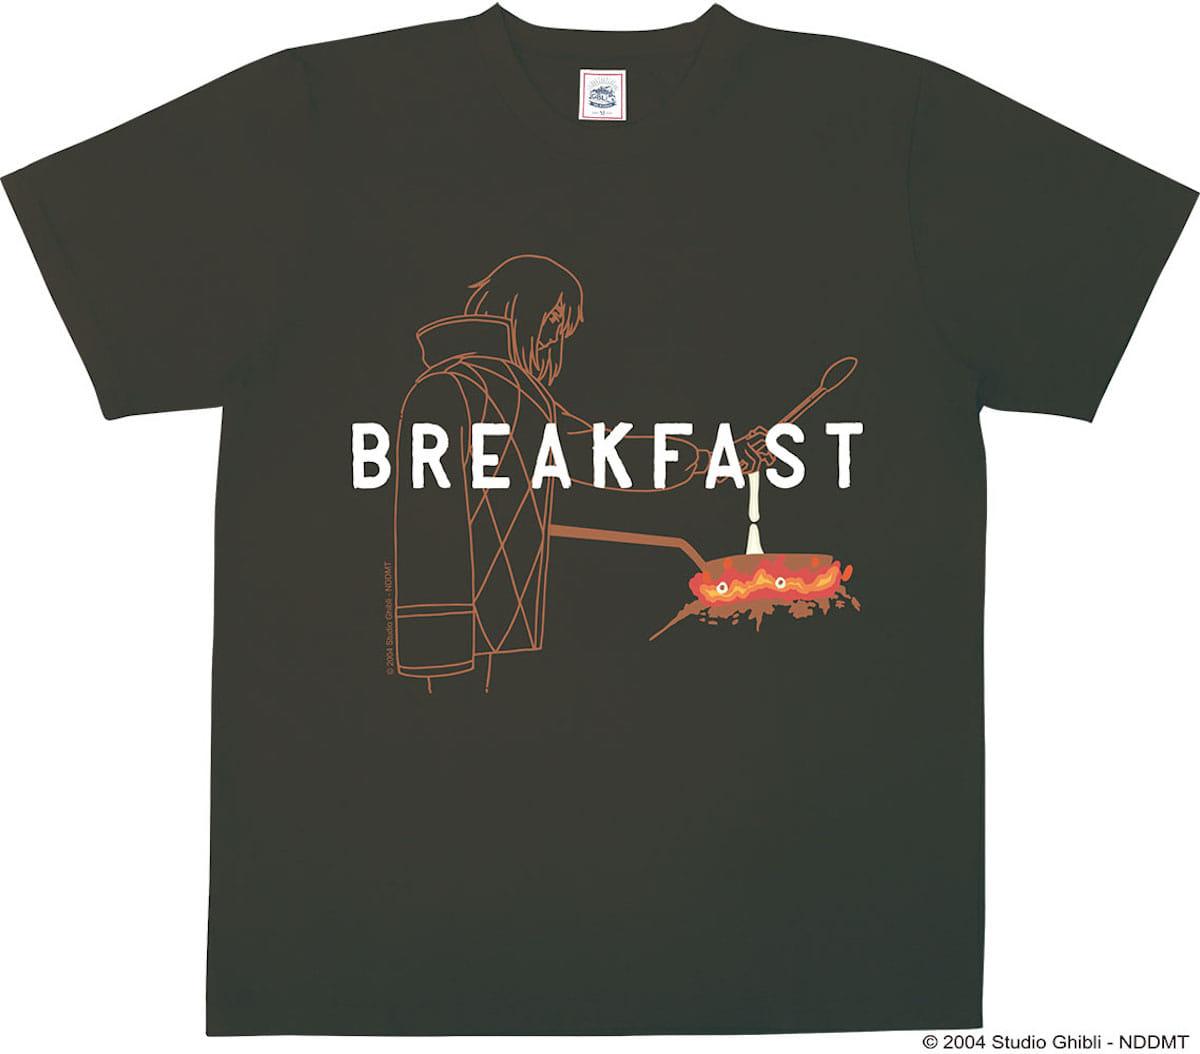 スタジオジブリ作品公式「バルスTシャツ」登場!『となりのトトロ』『魔女の宅急便』『紅の豚』など人気作品がTシャツに! fashion180605_ghibli_9-1200x1054